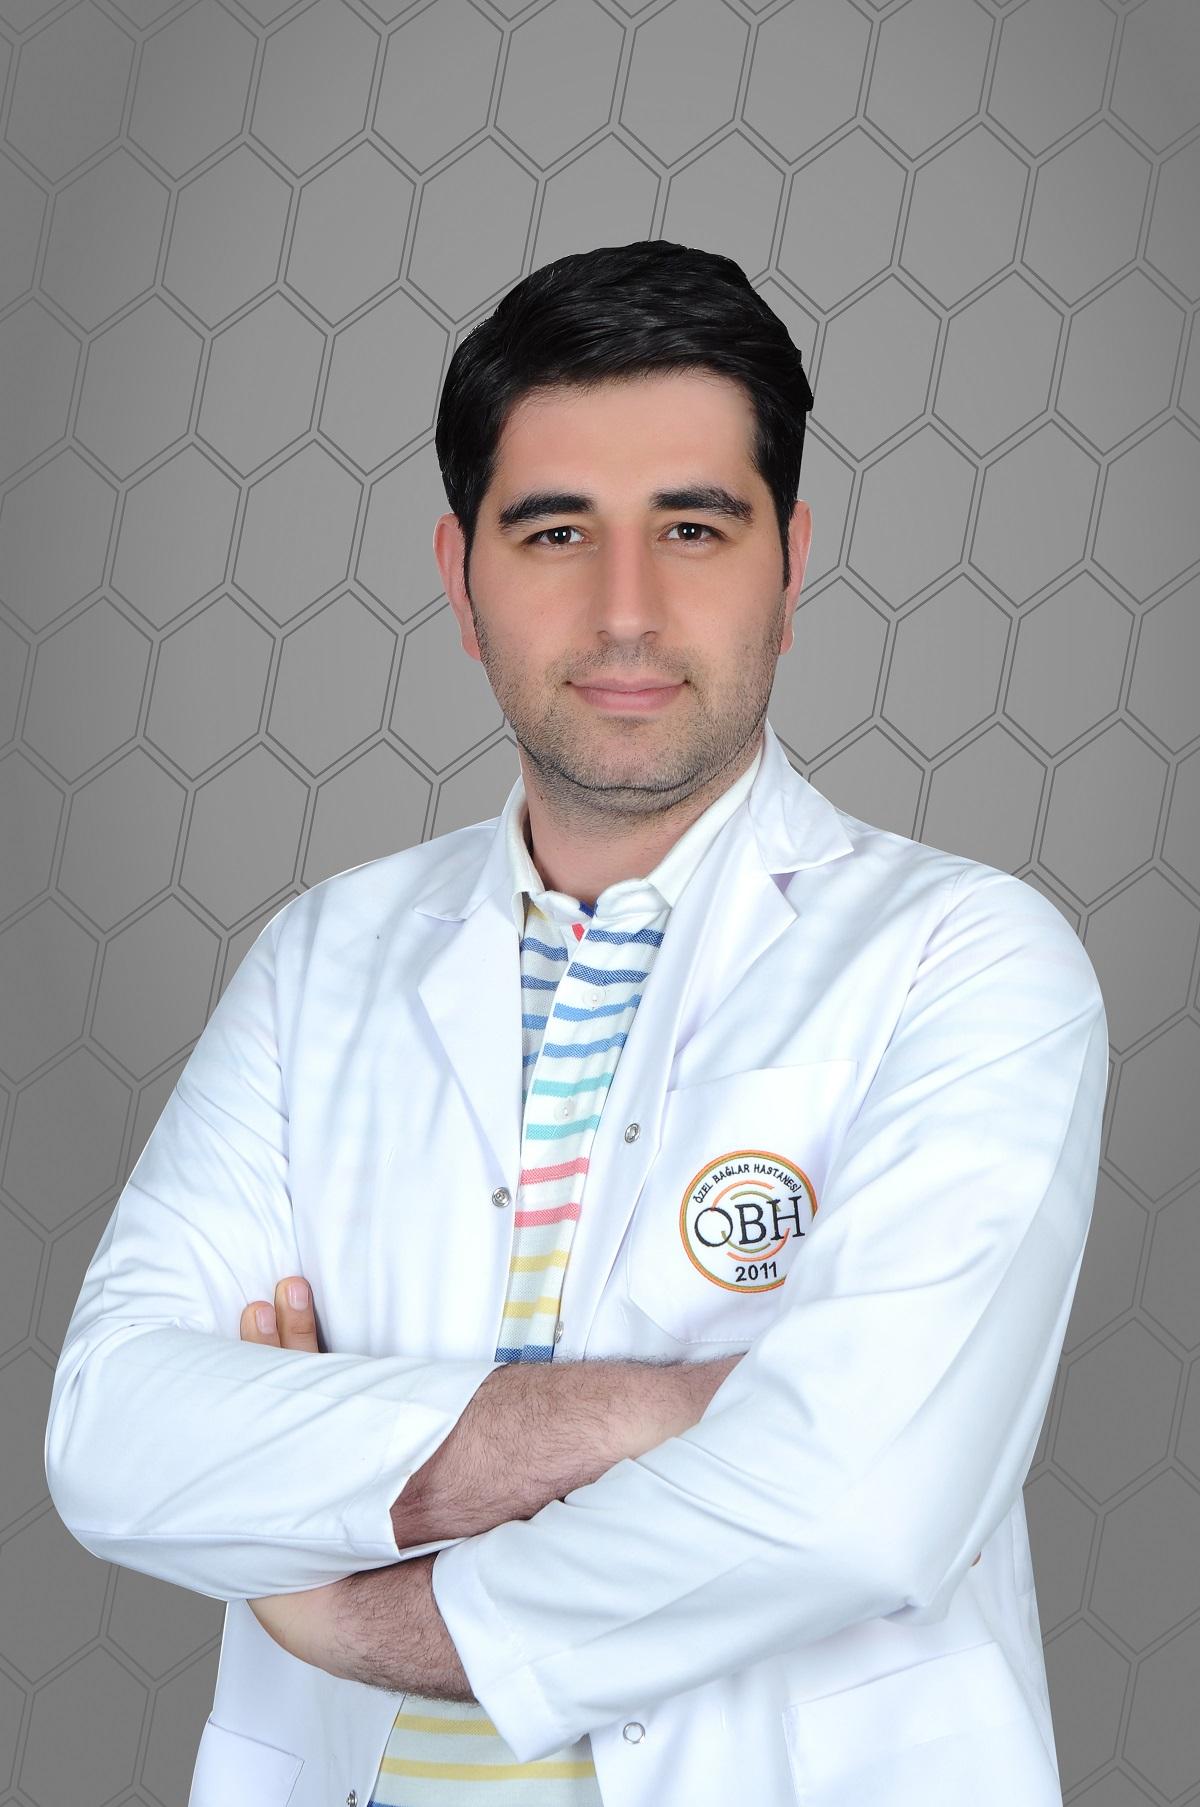 Dr.Mırnseım mırhajı BABAZADEHTASOU 1